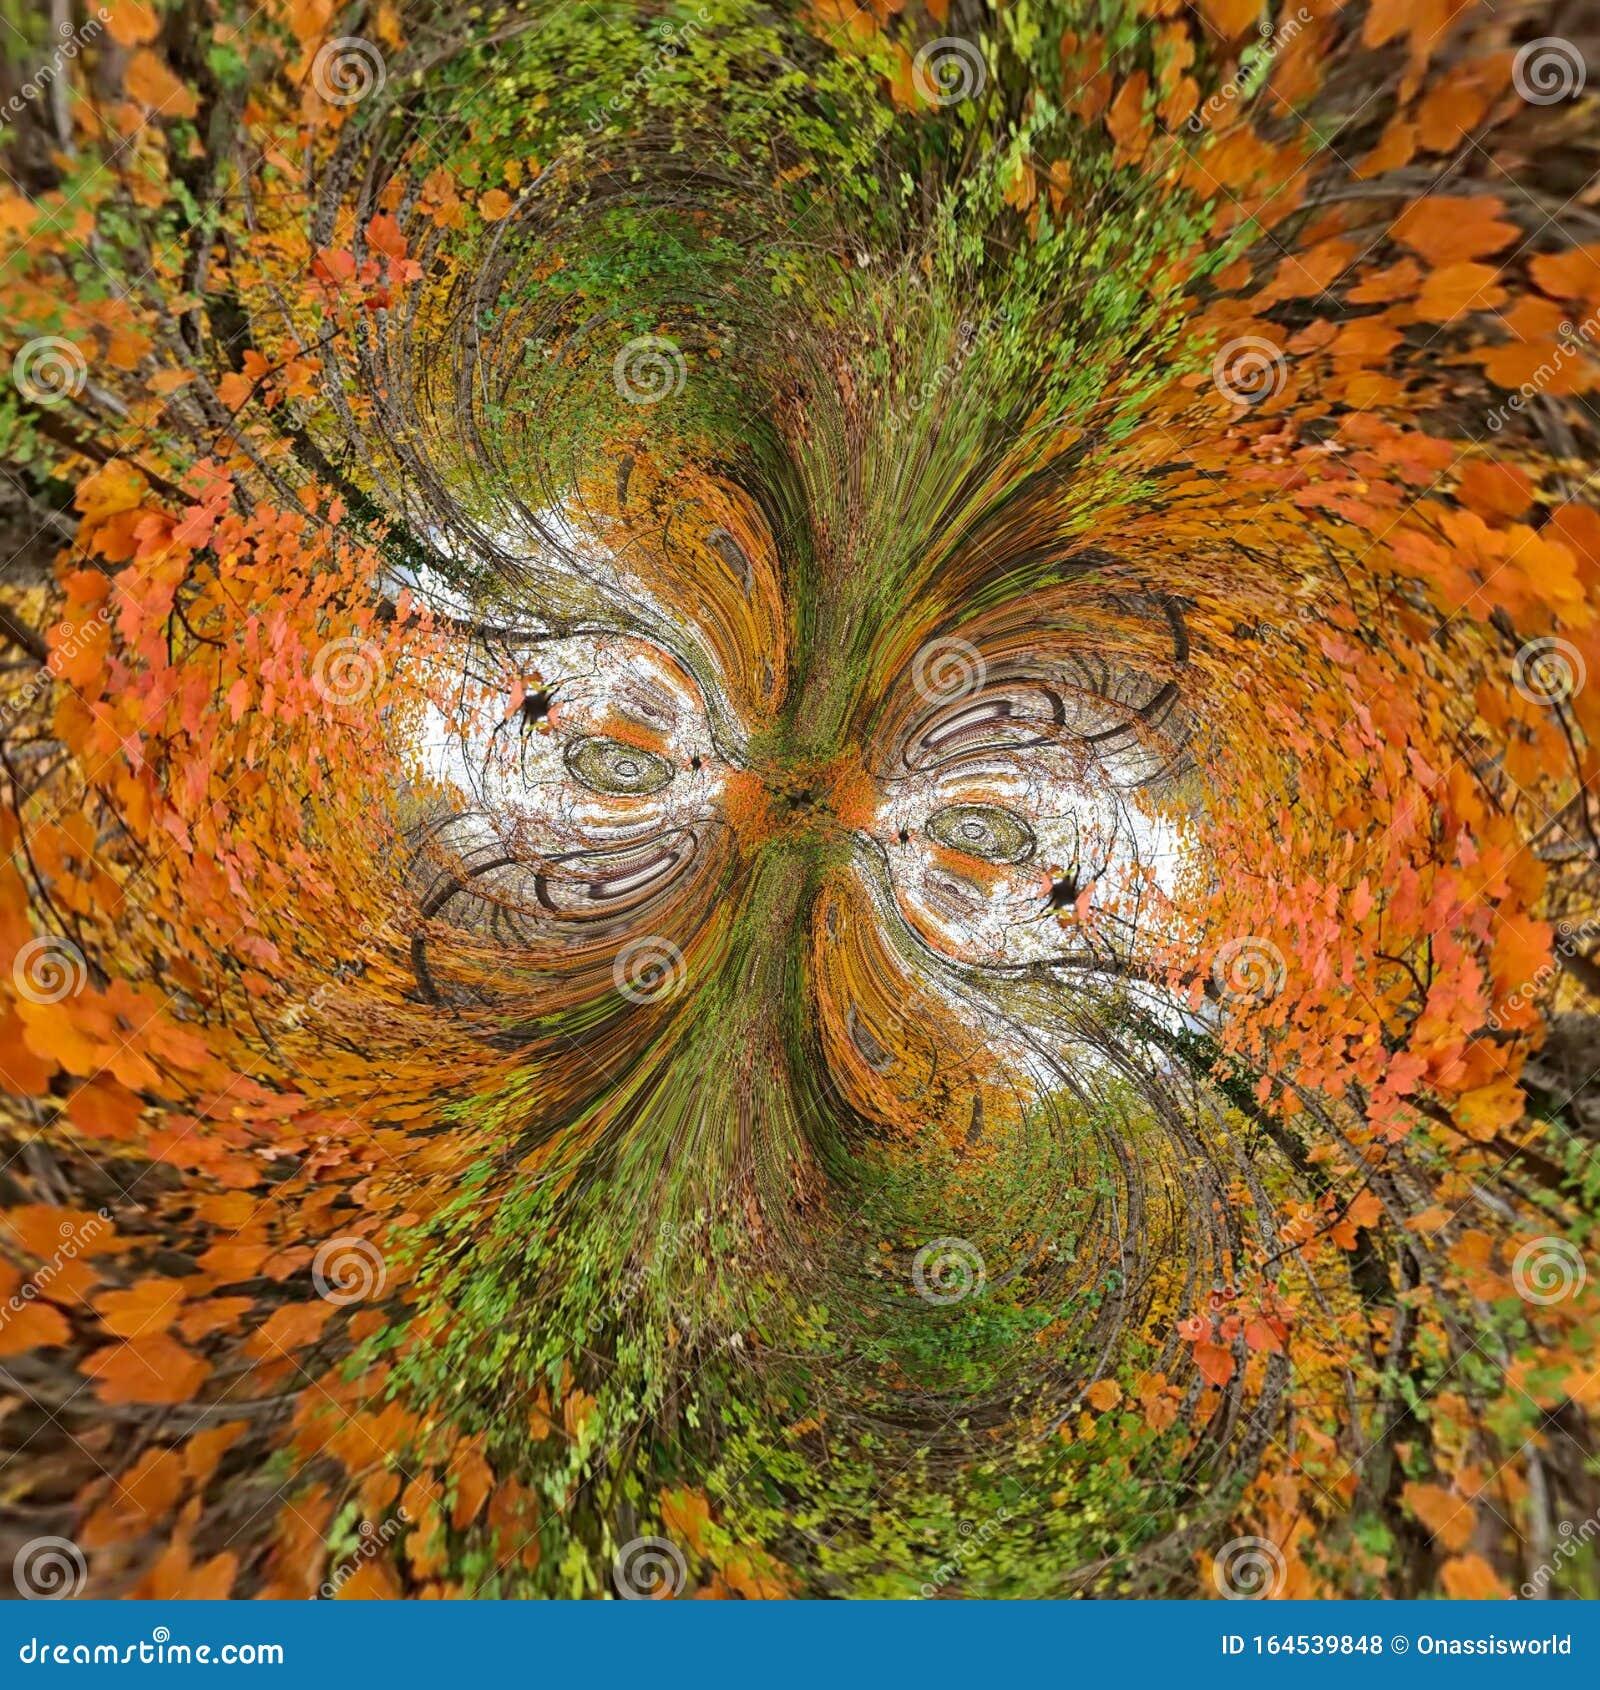 Herbst Winter Natur Goldener Wald Abstrakte Kunst Dichtung Und Musik Stock Abbildung Illustration Von Golden Herbst 164539848